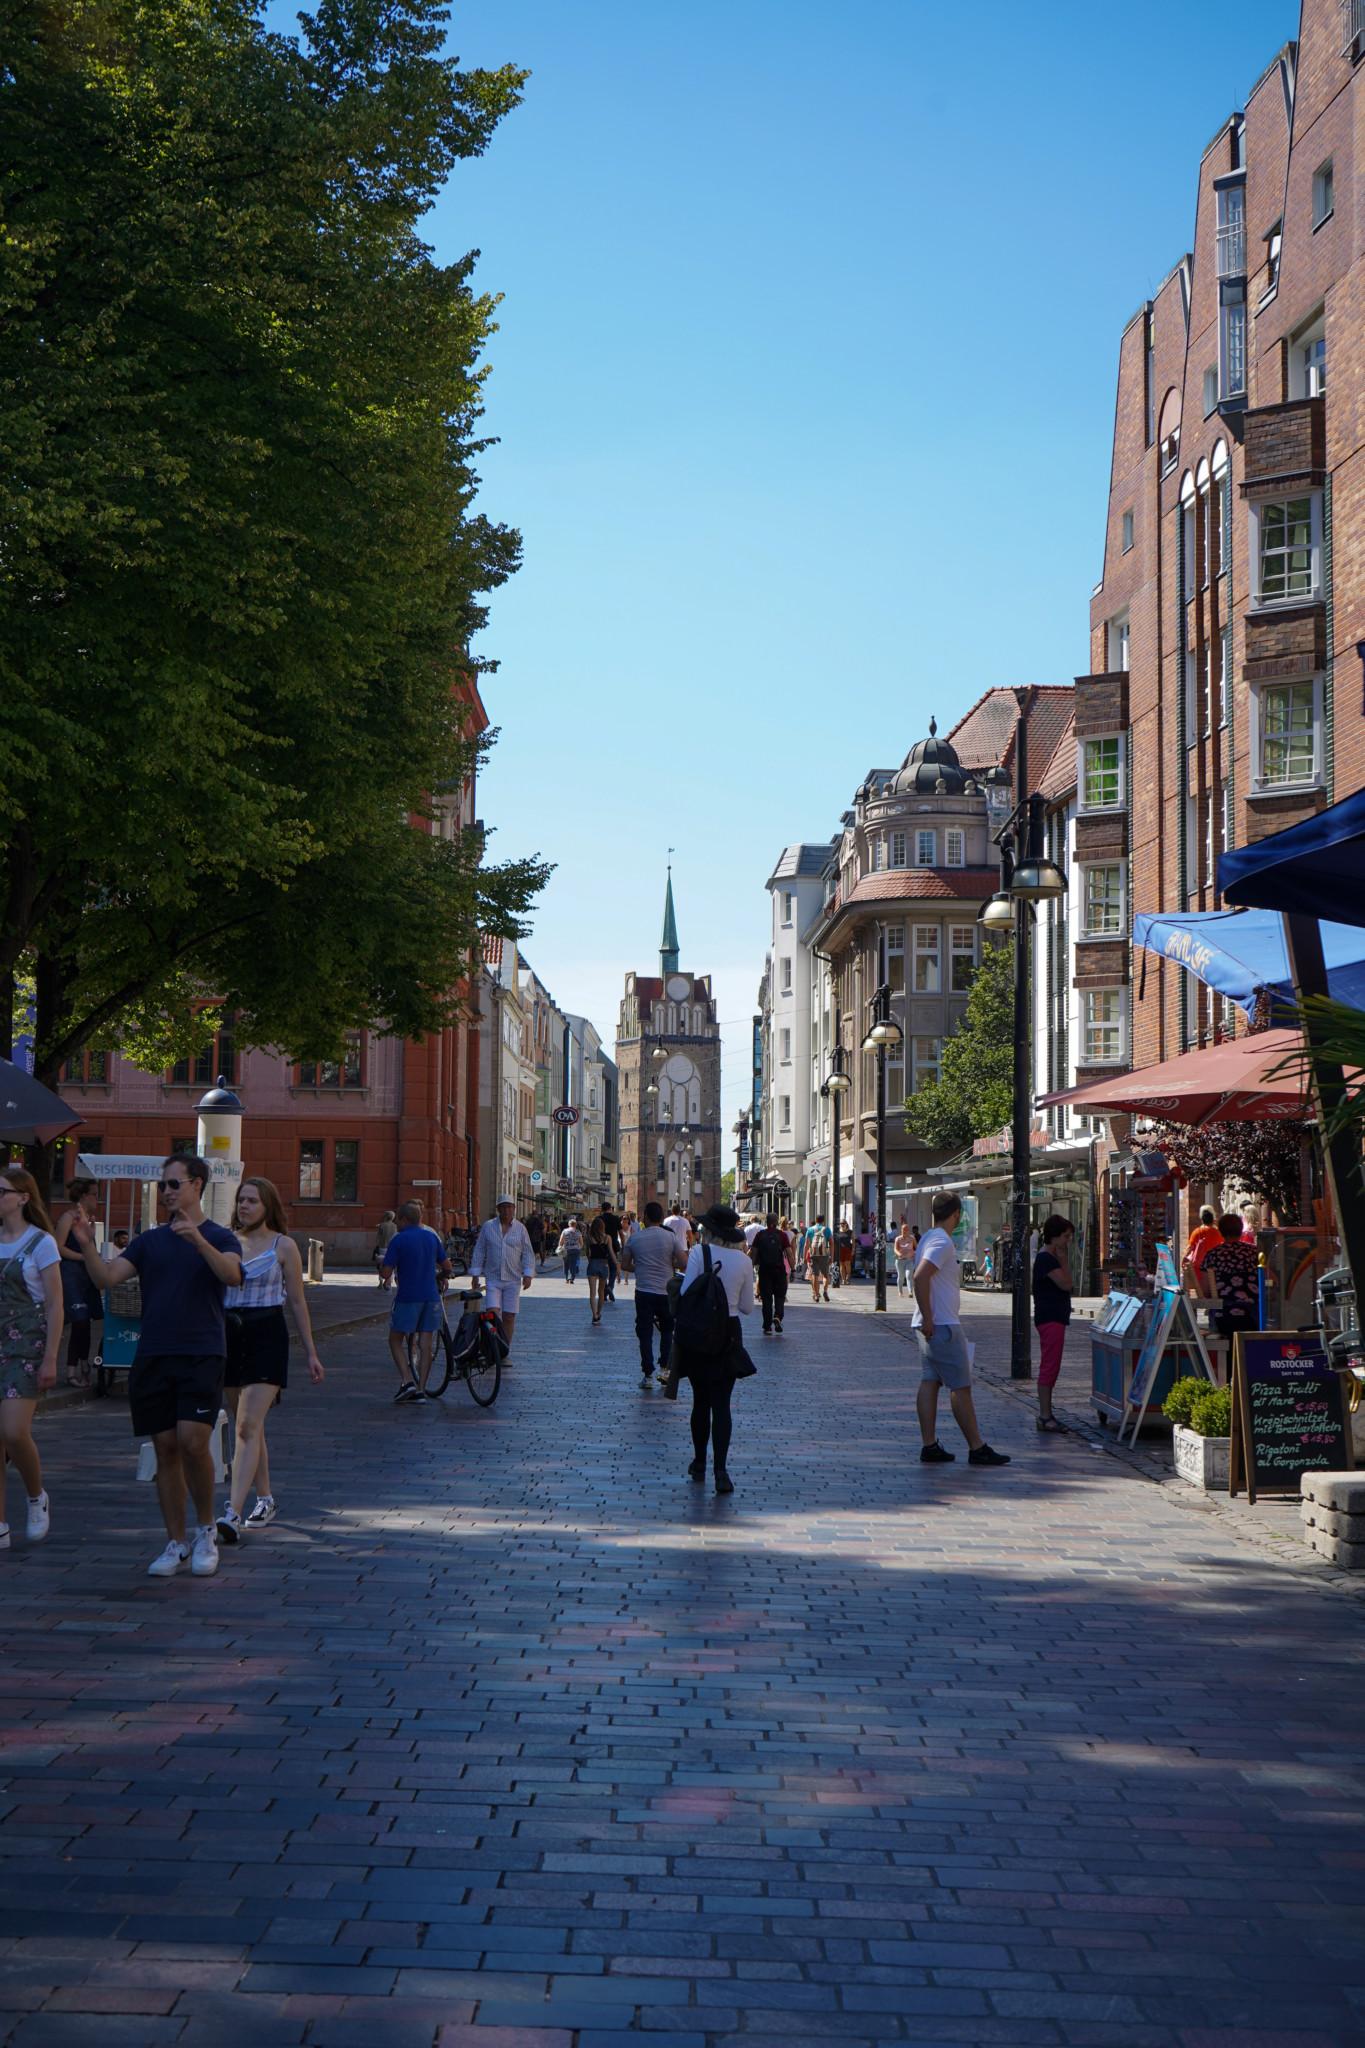 Kröpeliner Straße als wichtige Sehenswürdigkeit in Rostock